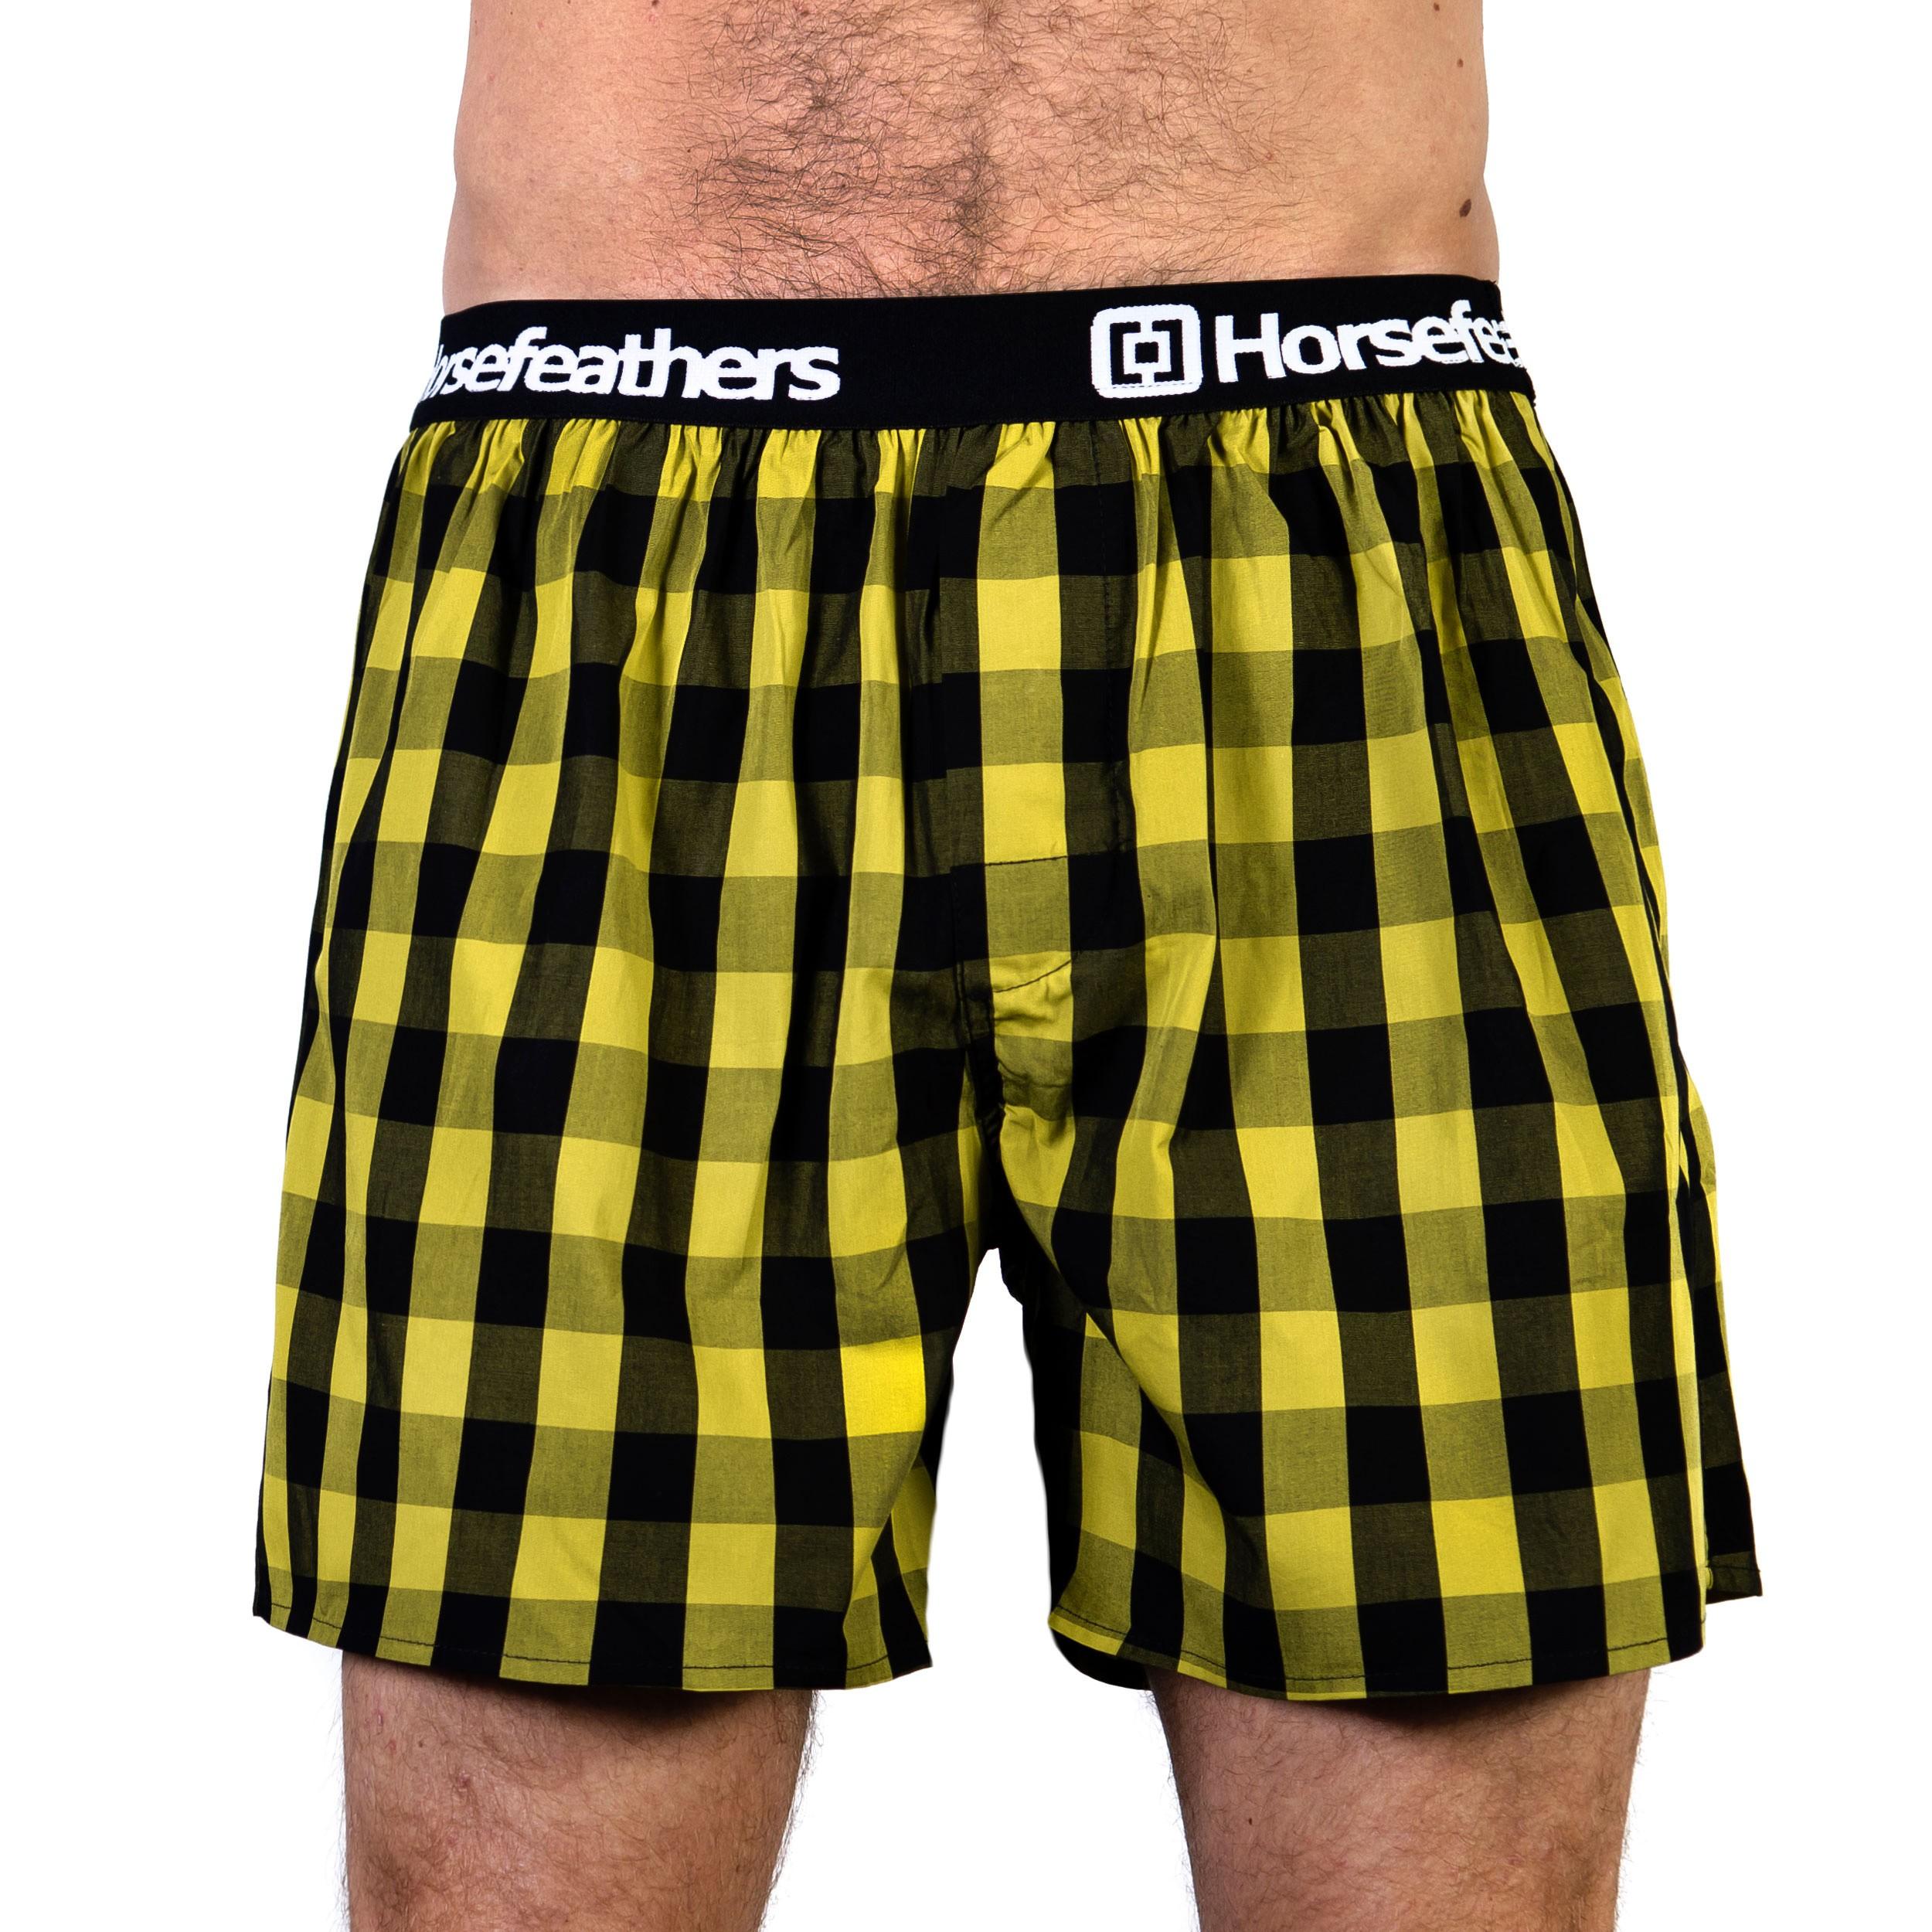 HORSEFEATHERS pánské žluté kostičkované trenýrky Apollo Boxer Shorts CITRONELLE